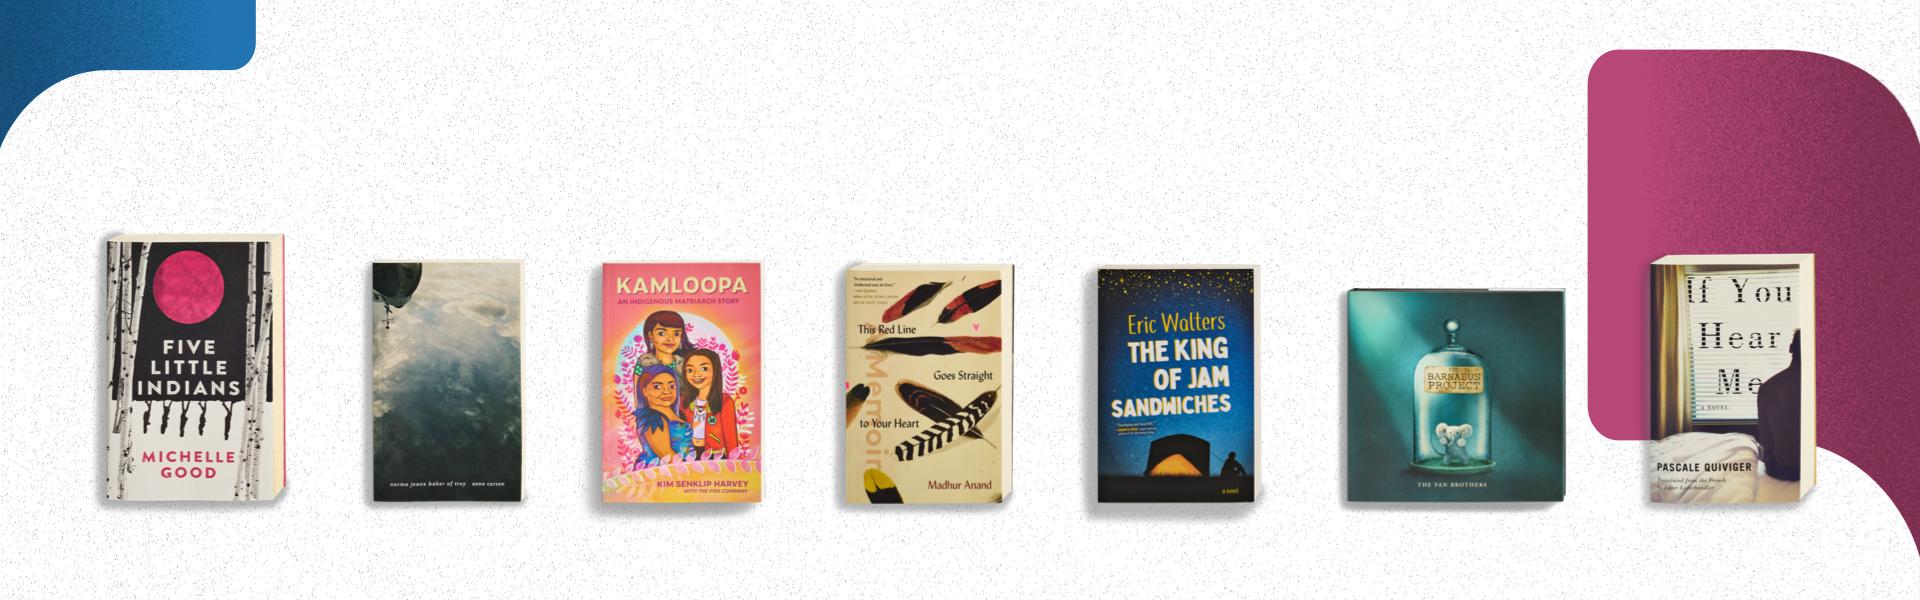 GG Book winning book jackets